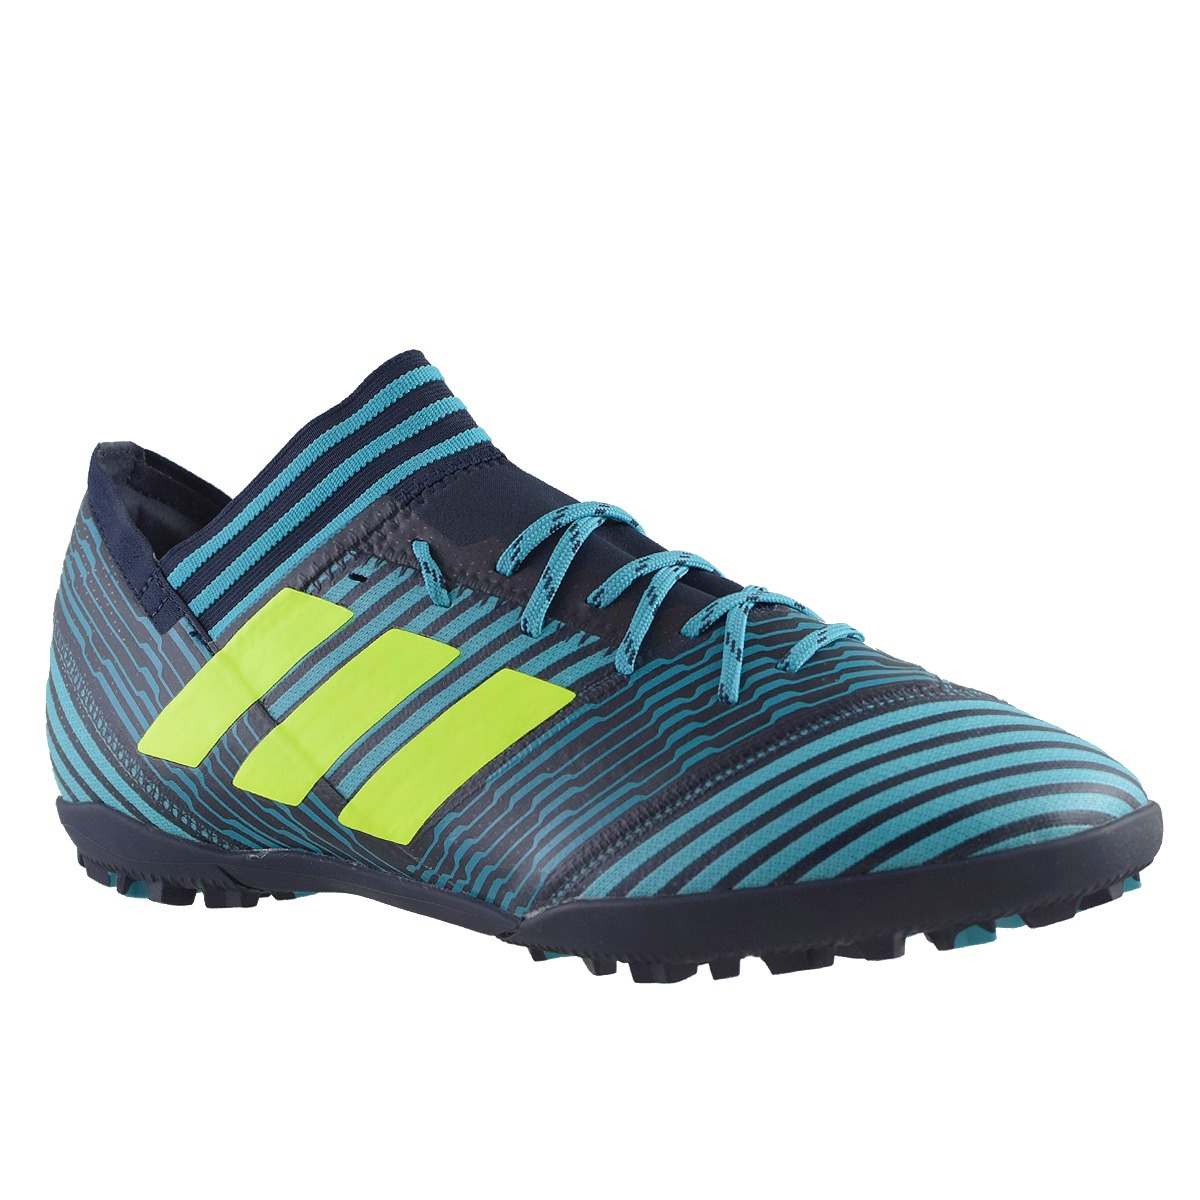 91d1e8ba38e74 Botines adidas Nemeziz Messi 17.3 Tf Hombre Negro azul -   2.100